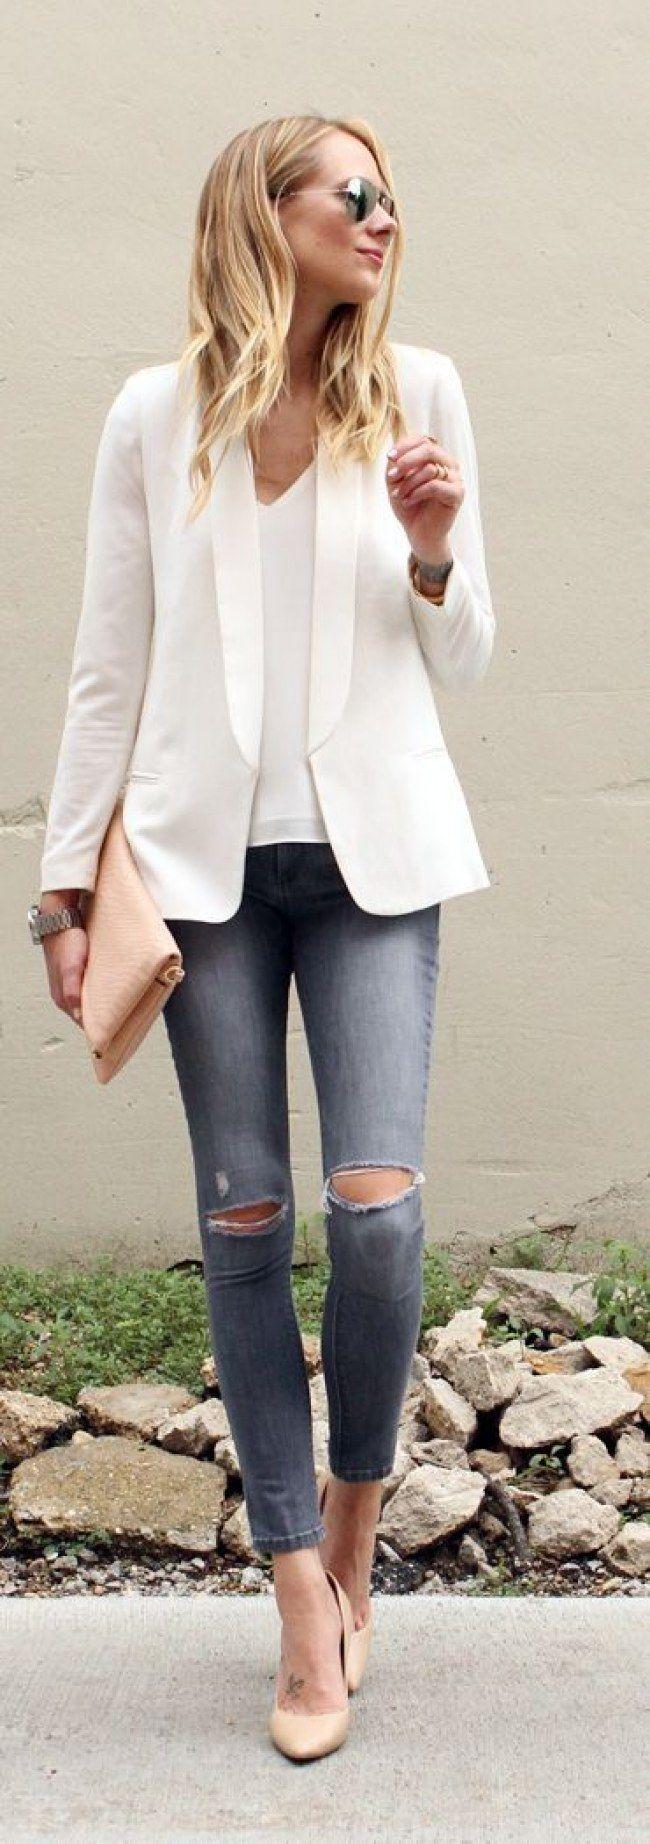 Blazer kombinieren: Styling-Tipps für den Herbst & welcher Blazer zu welcher…